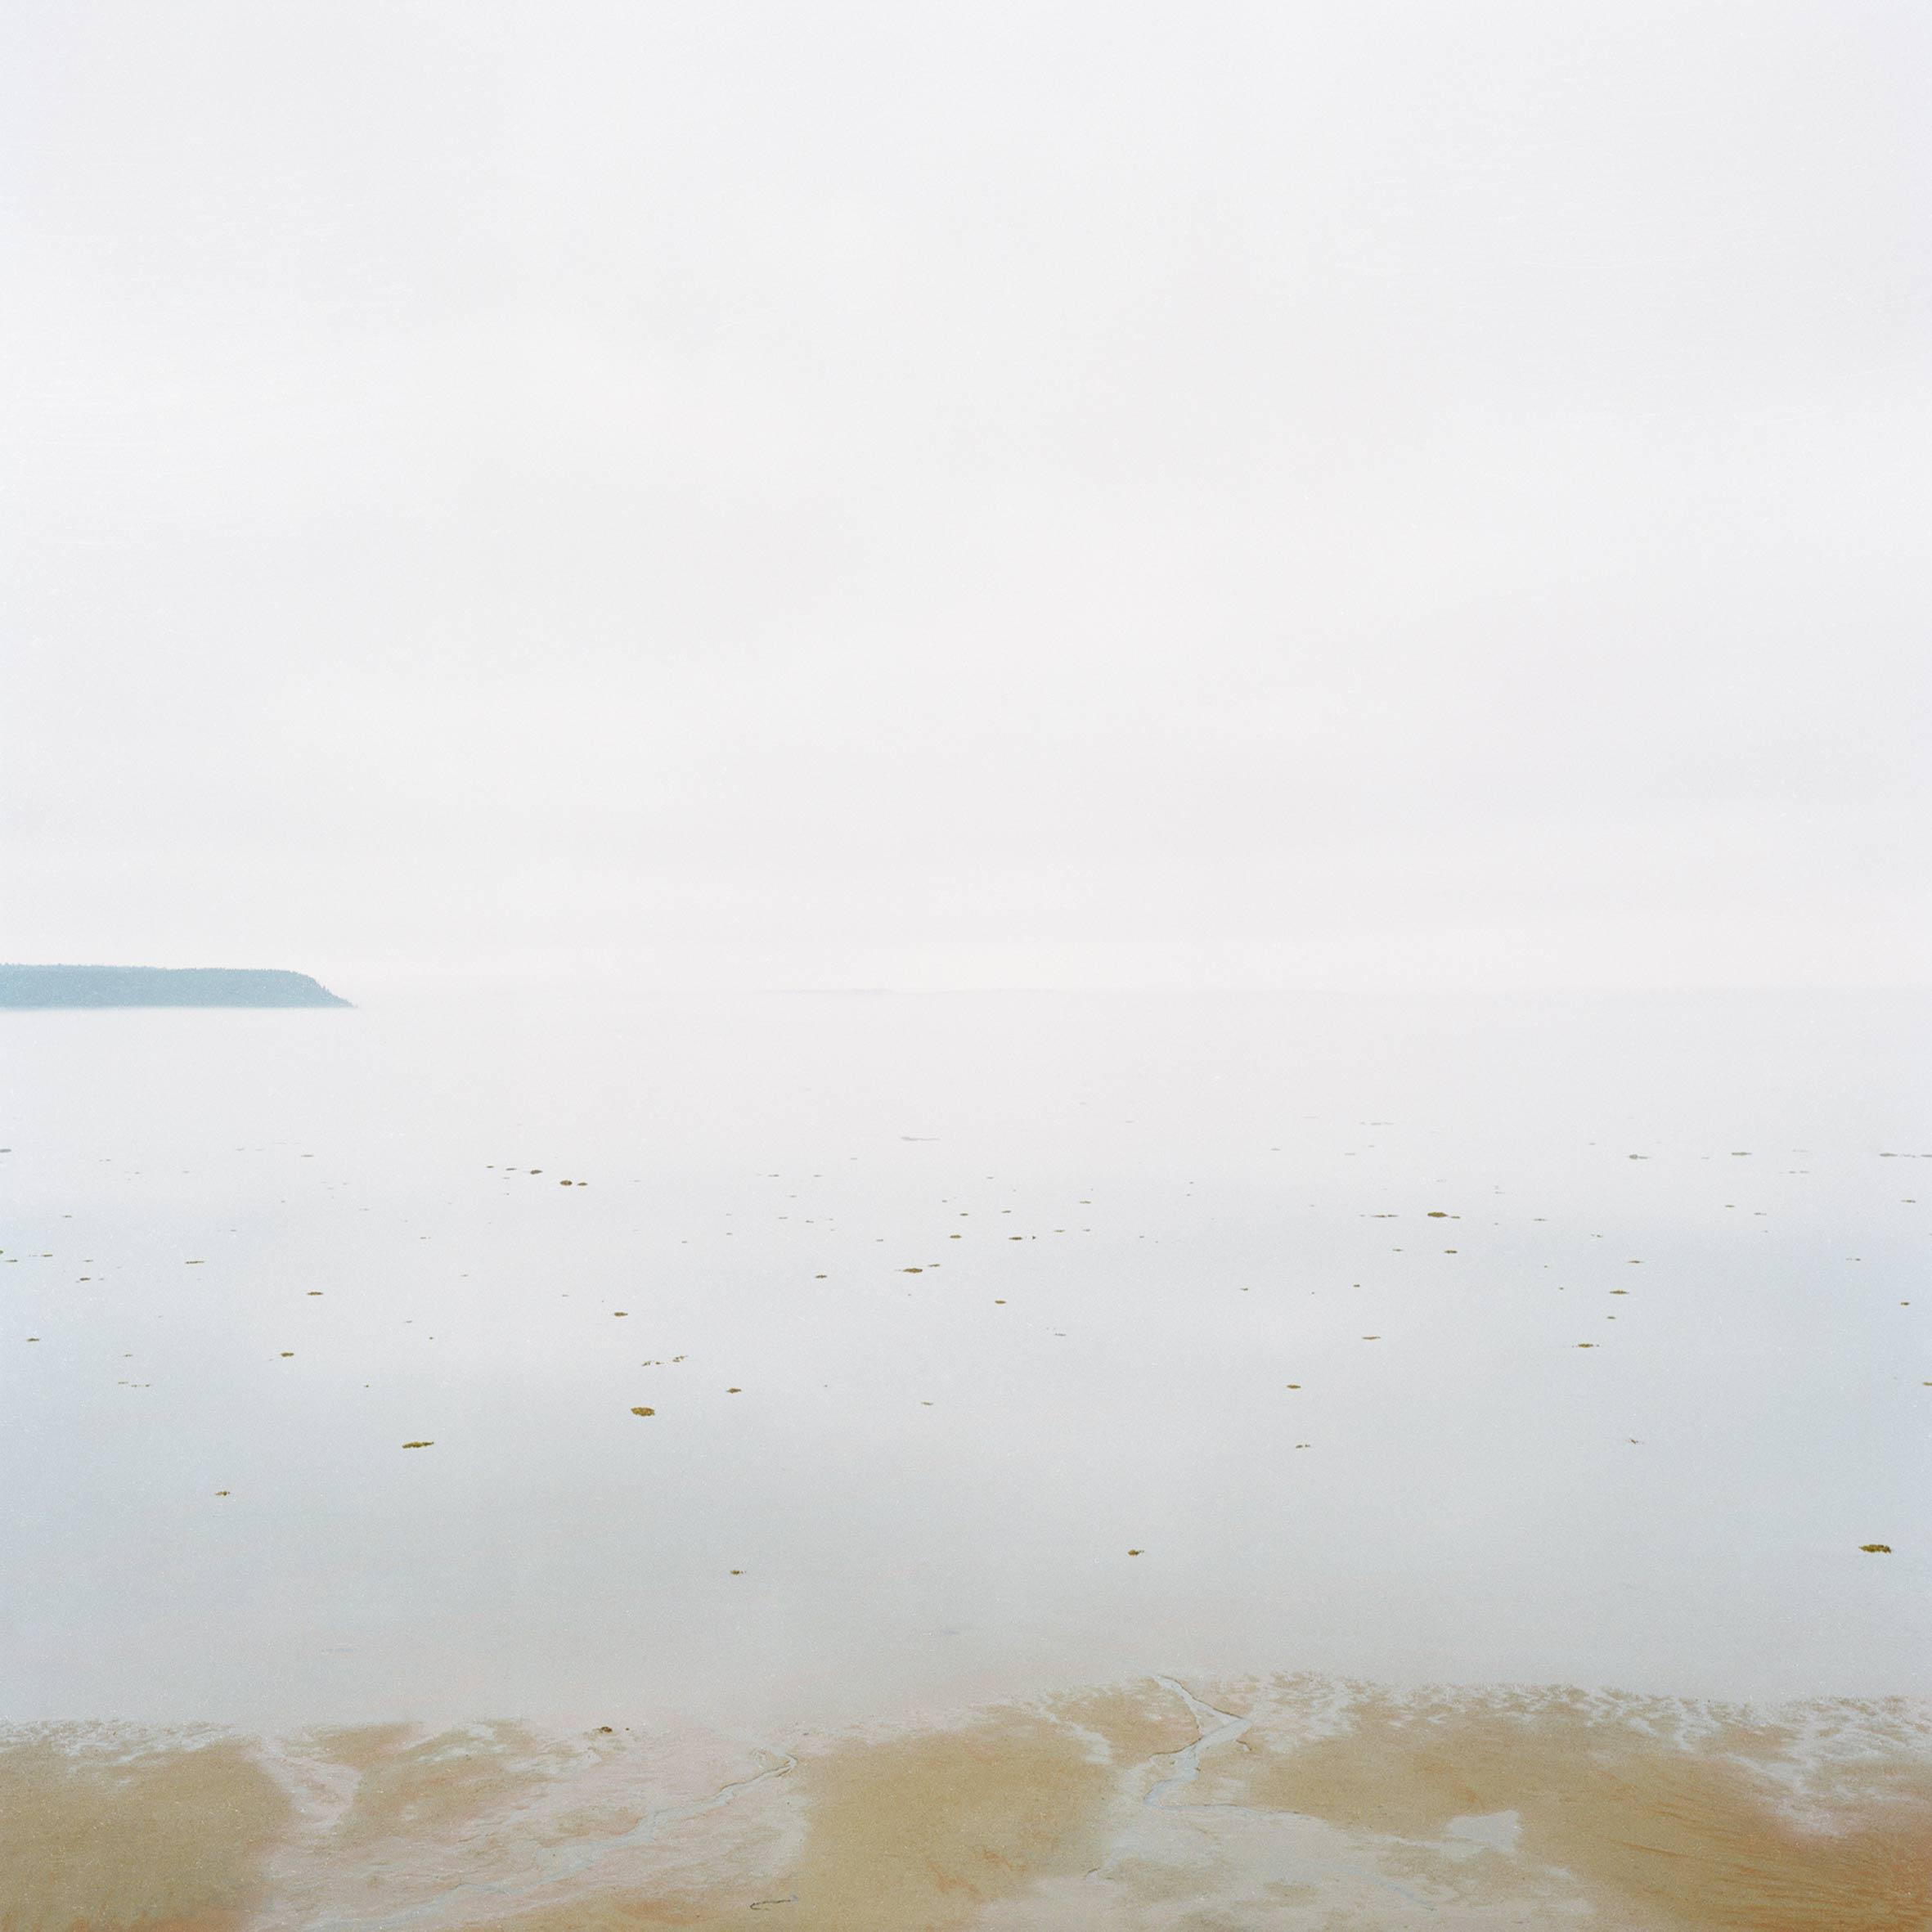 marcher créer, périple autobiographique, territoire du Labrador au Québec, paysage, paysage désertique, paysage aquatique, paysage de campagne, herbe, mer, fleuve, eau